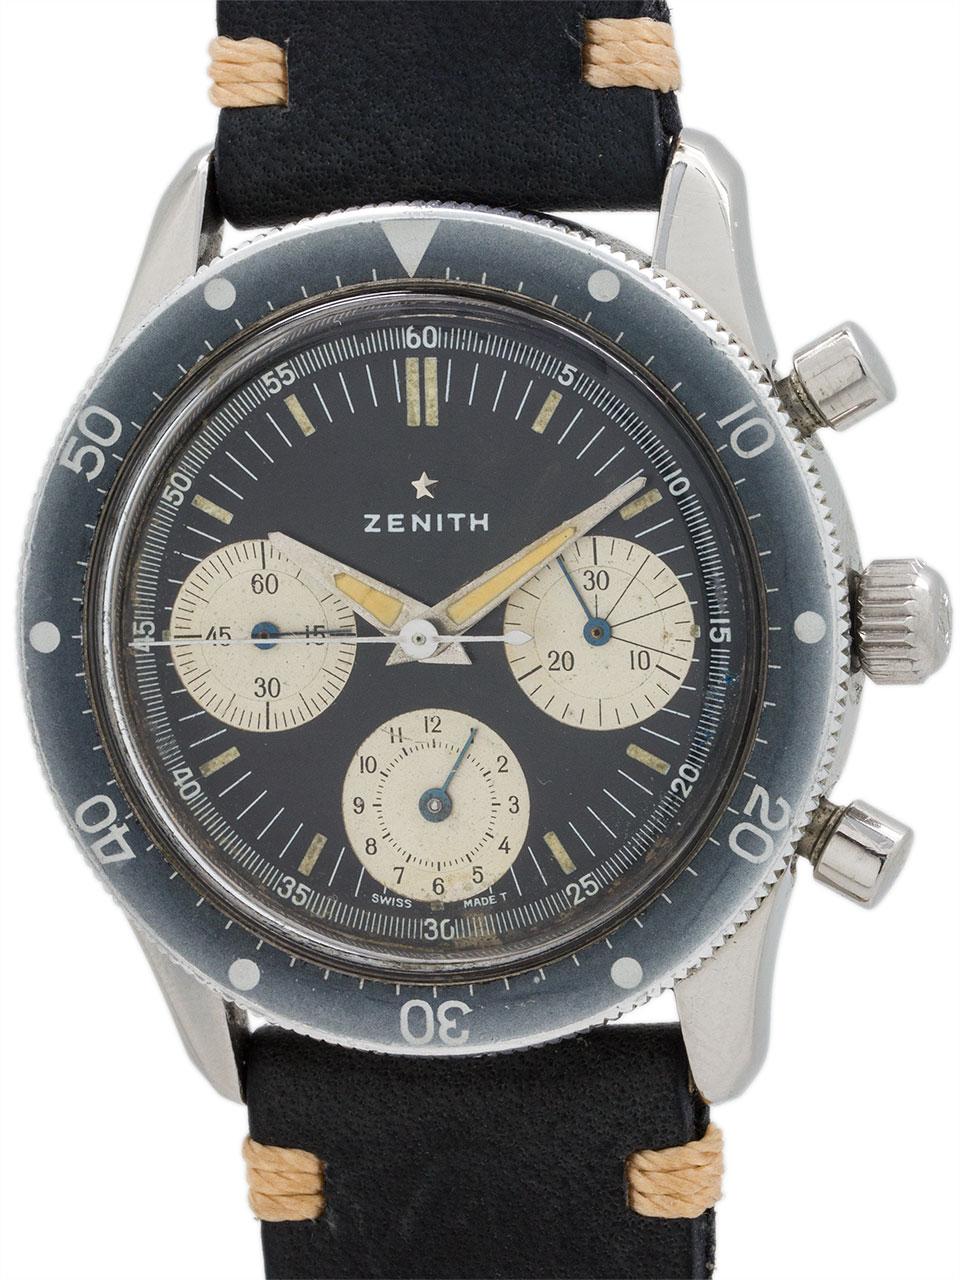 Zenith A277 Diver's Chronograph circa 1960's